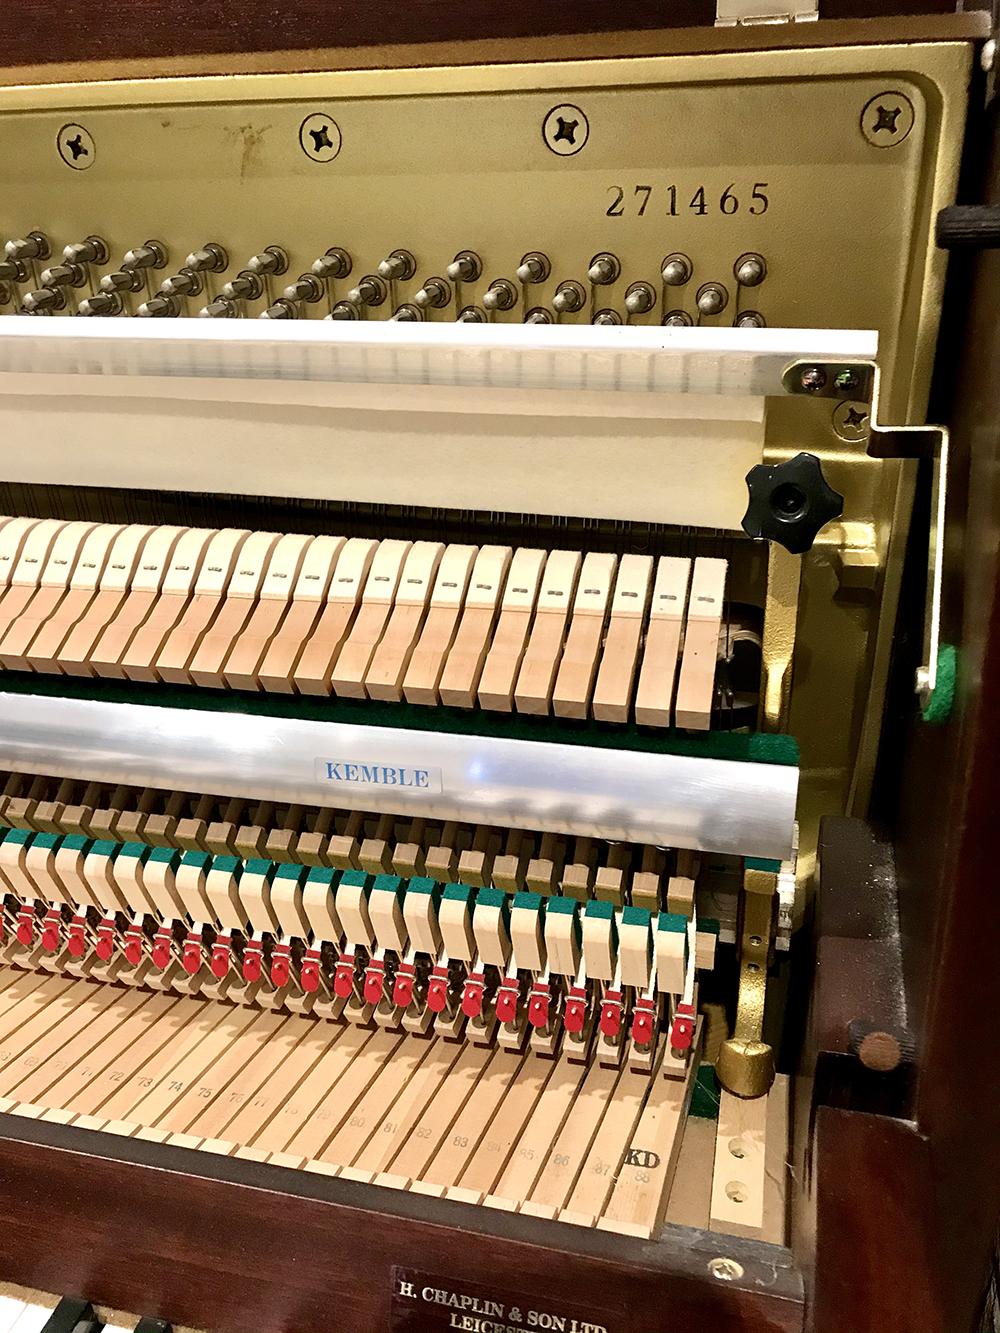 Kemble-London-Yamaha-Piano-Dorset-7.jpg